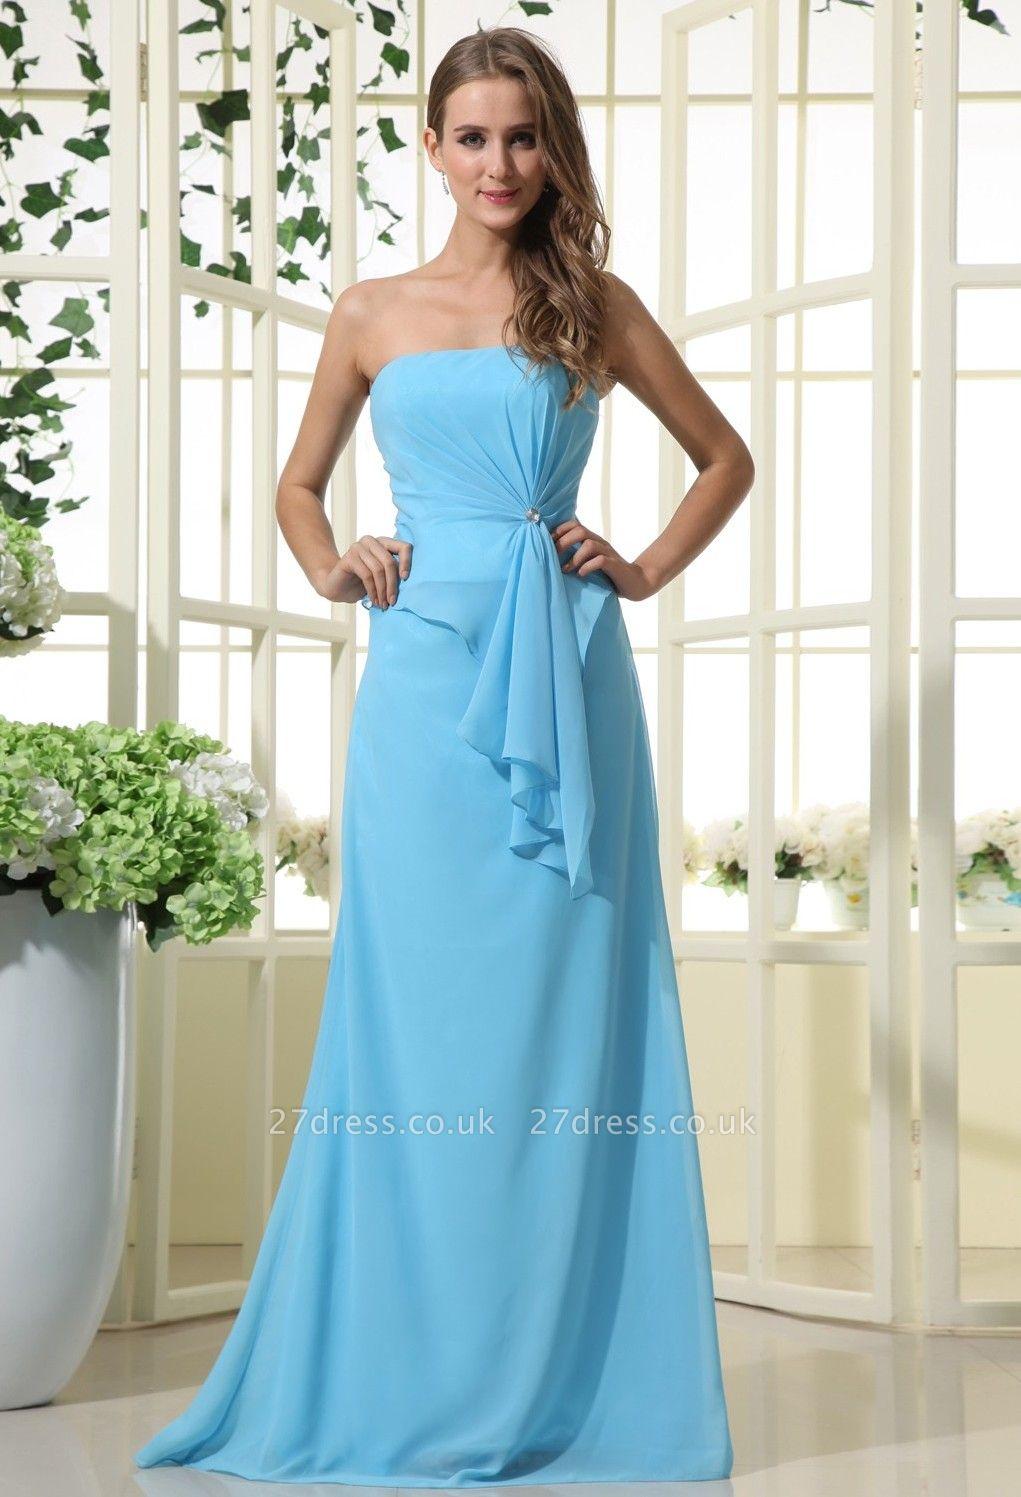 Sexy Strapless Bridesmaid Dress UK | Mermaid Chiffon Maid Of Honor Bridesmaid Dress UK